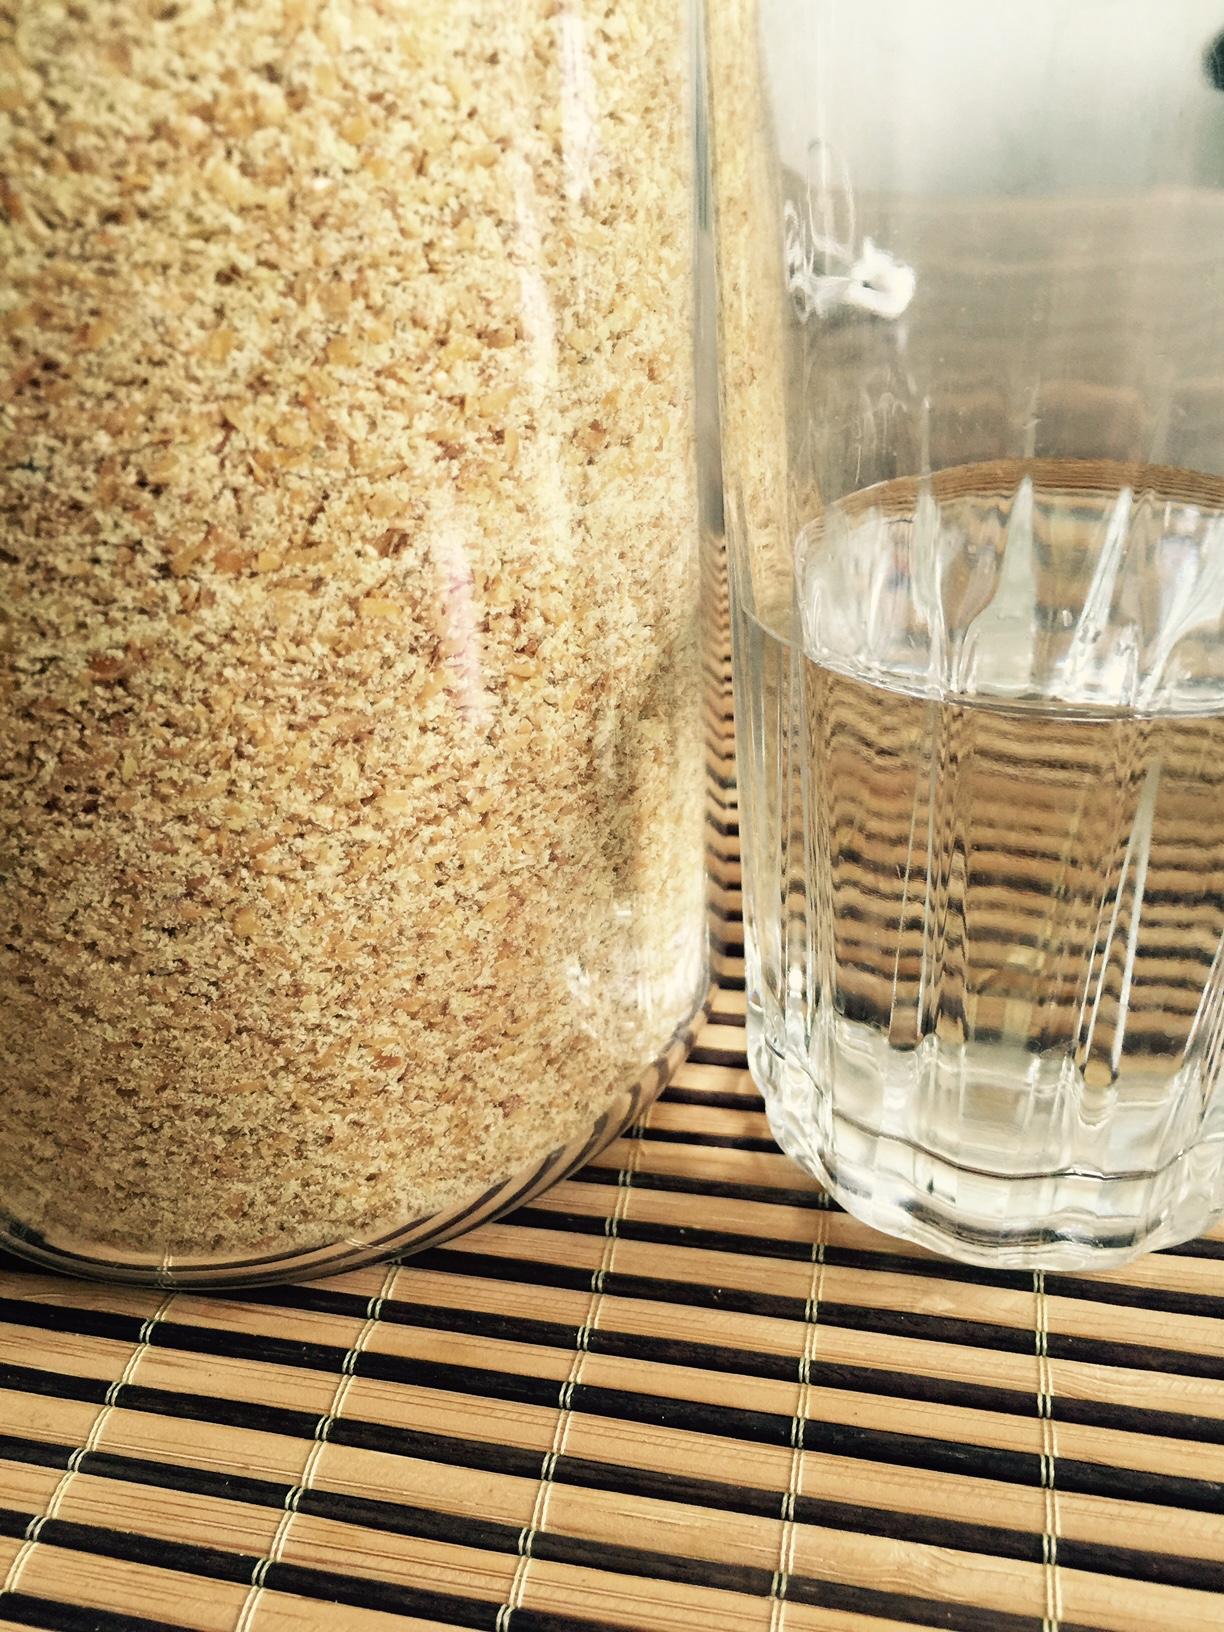 Beneficios ajo en ayunas para bajar de peso